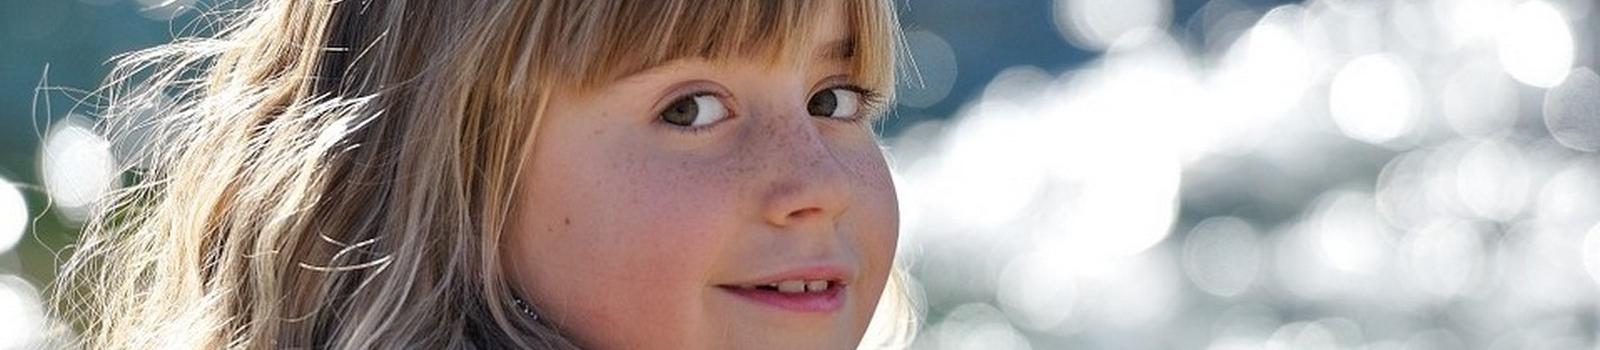 Uśmiechnięta dziewczynka na tle rozmytych odbić